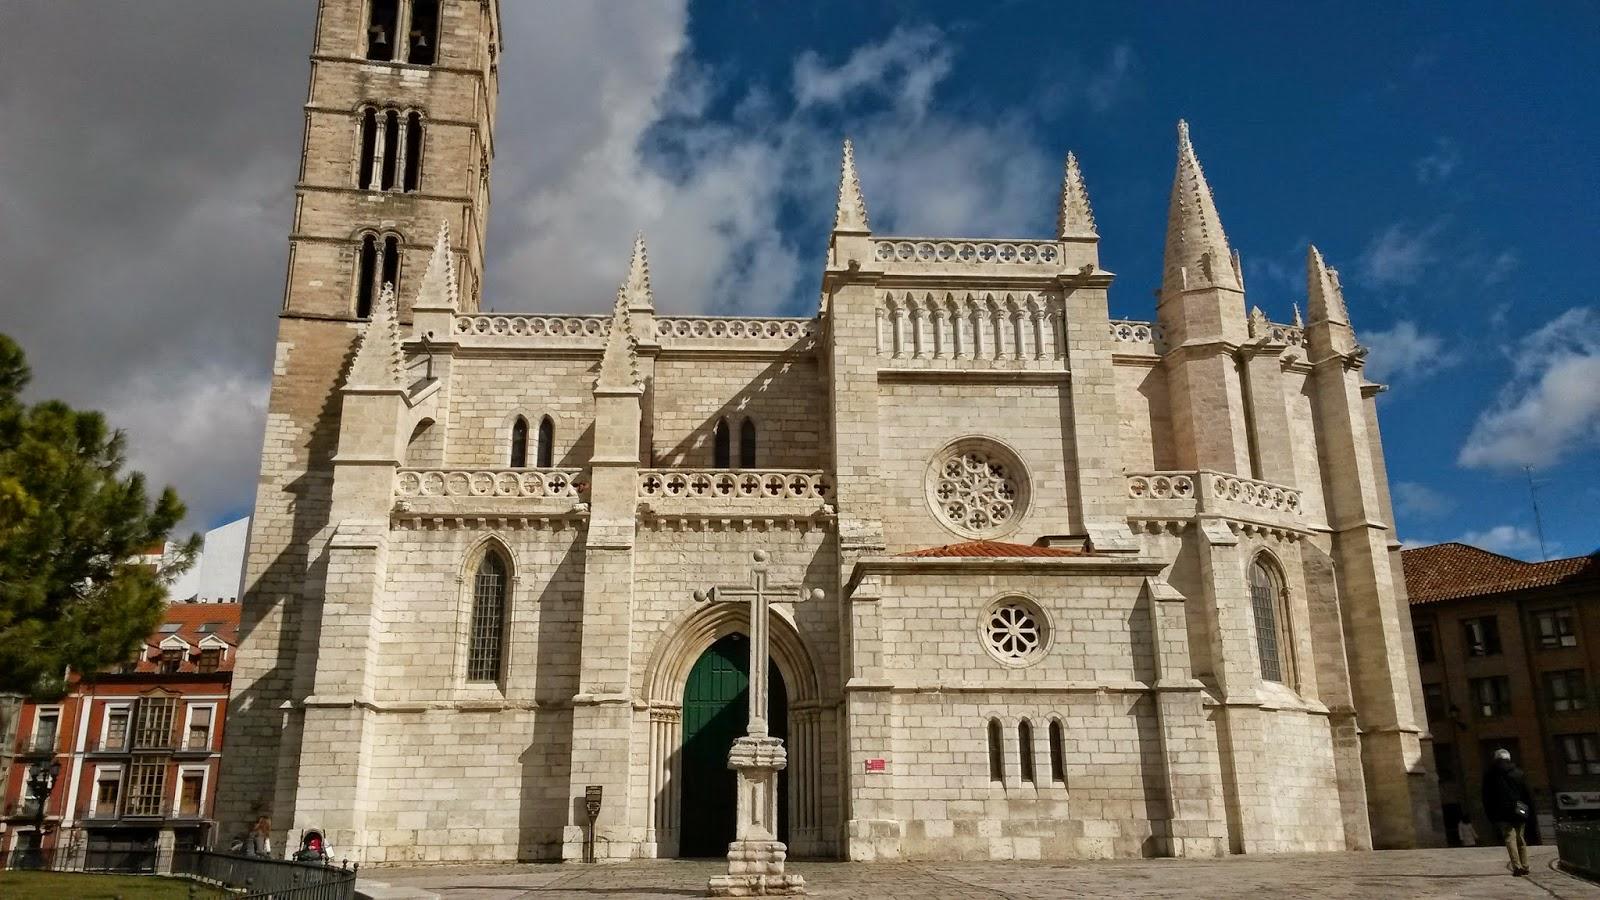 Iglesia de Santa María La Antigua, situada en uno de los lugares más bonitos de Valladolid.